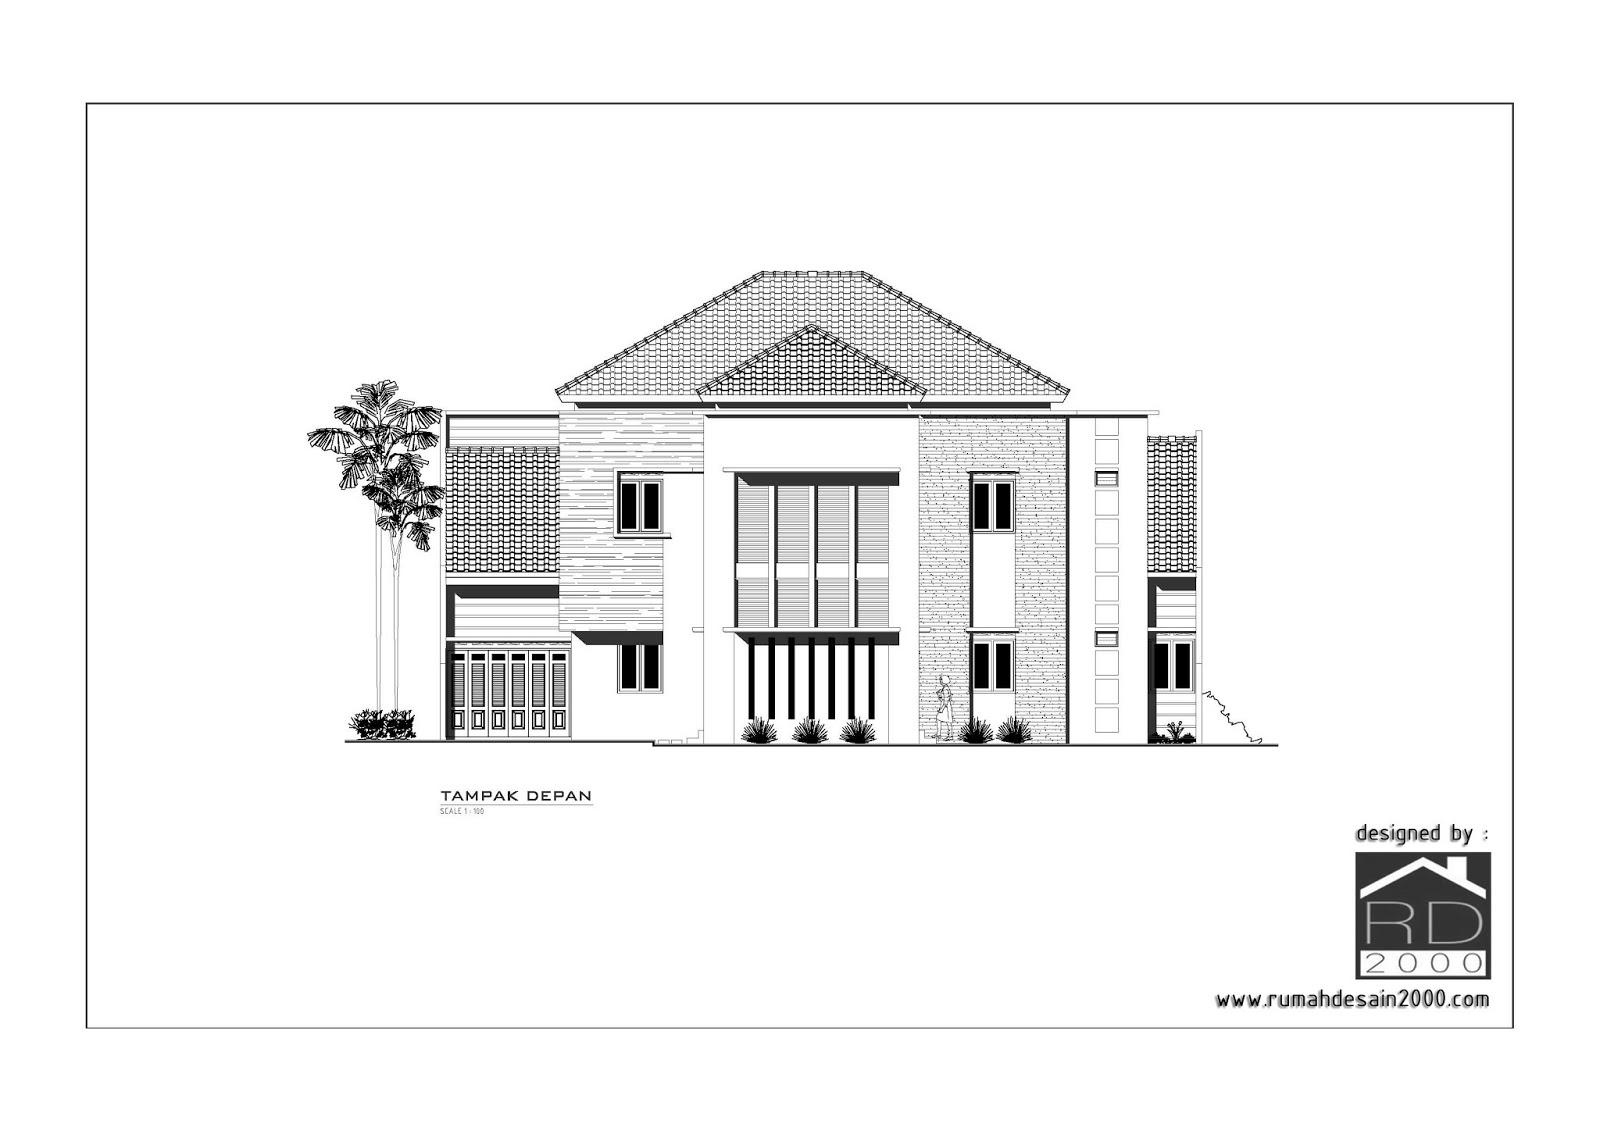 Rumah Desain 2000: Gambar desain rumah mewah model minimalis di ...